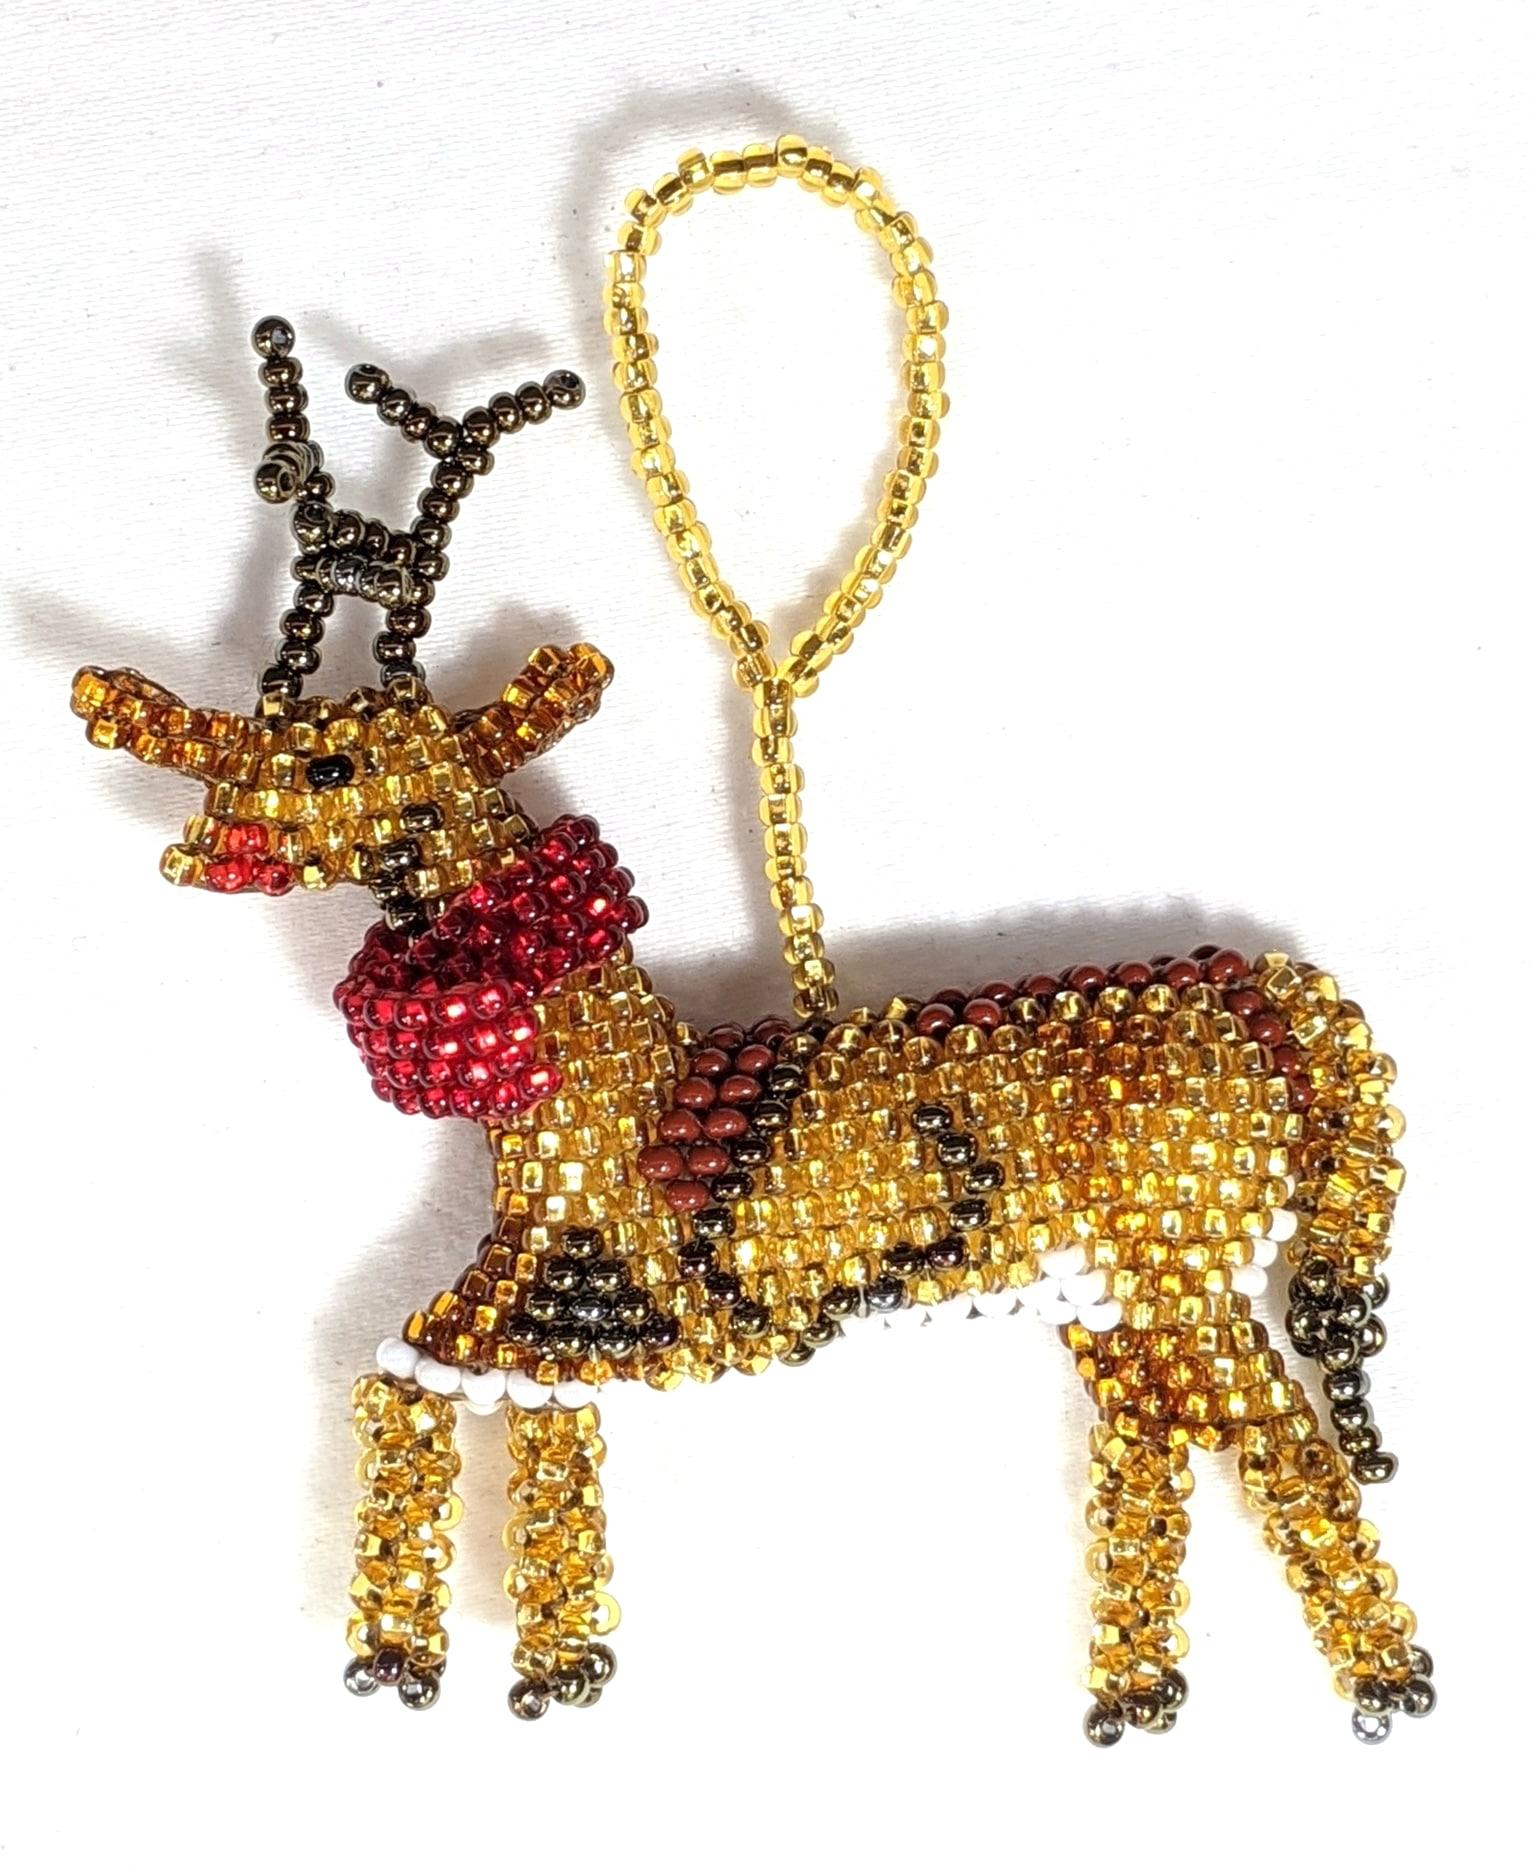 Reindeer Beaded Ornament